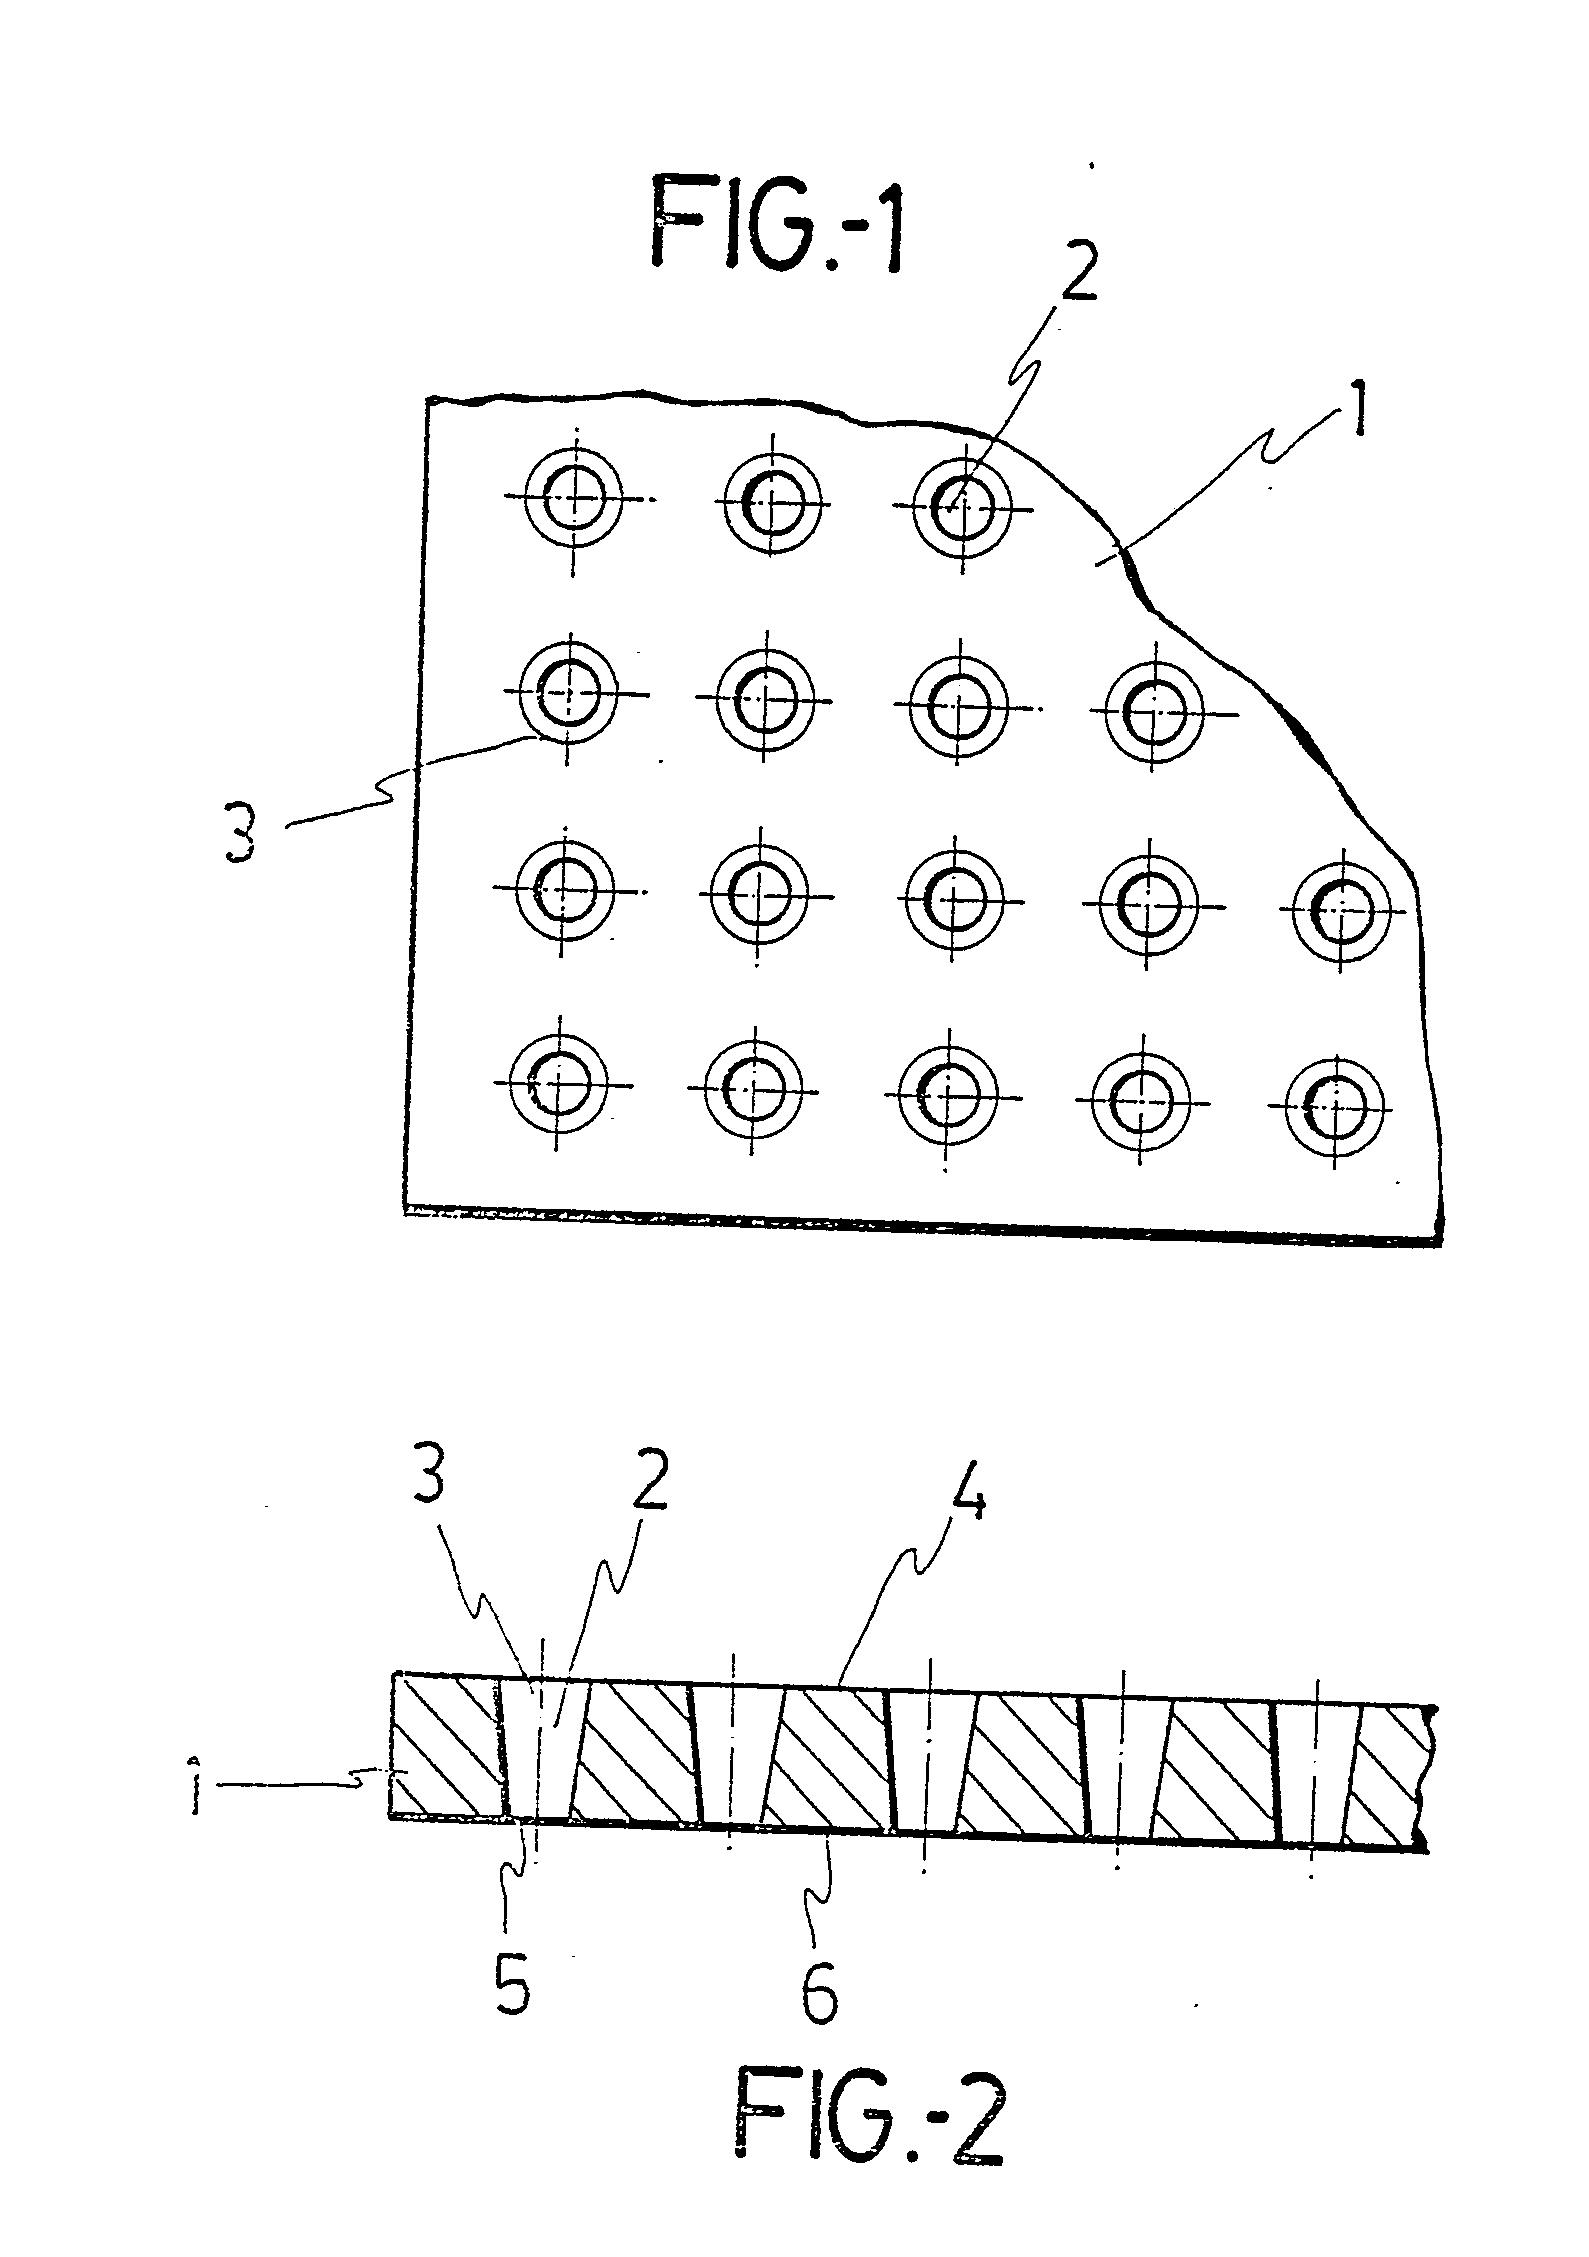 wunderbar elektrische stromkreise galerie elektrische schaltplan ideen. Black Bedroom Furniture Sets. Home Design Ideas